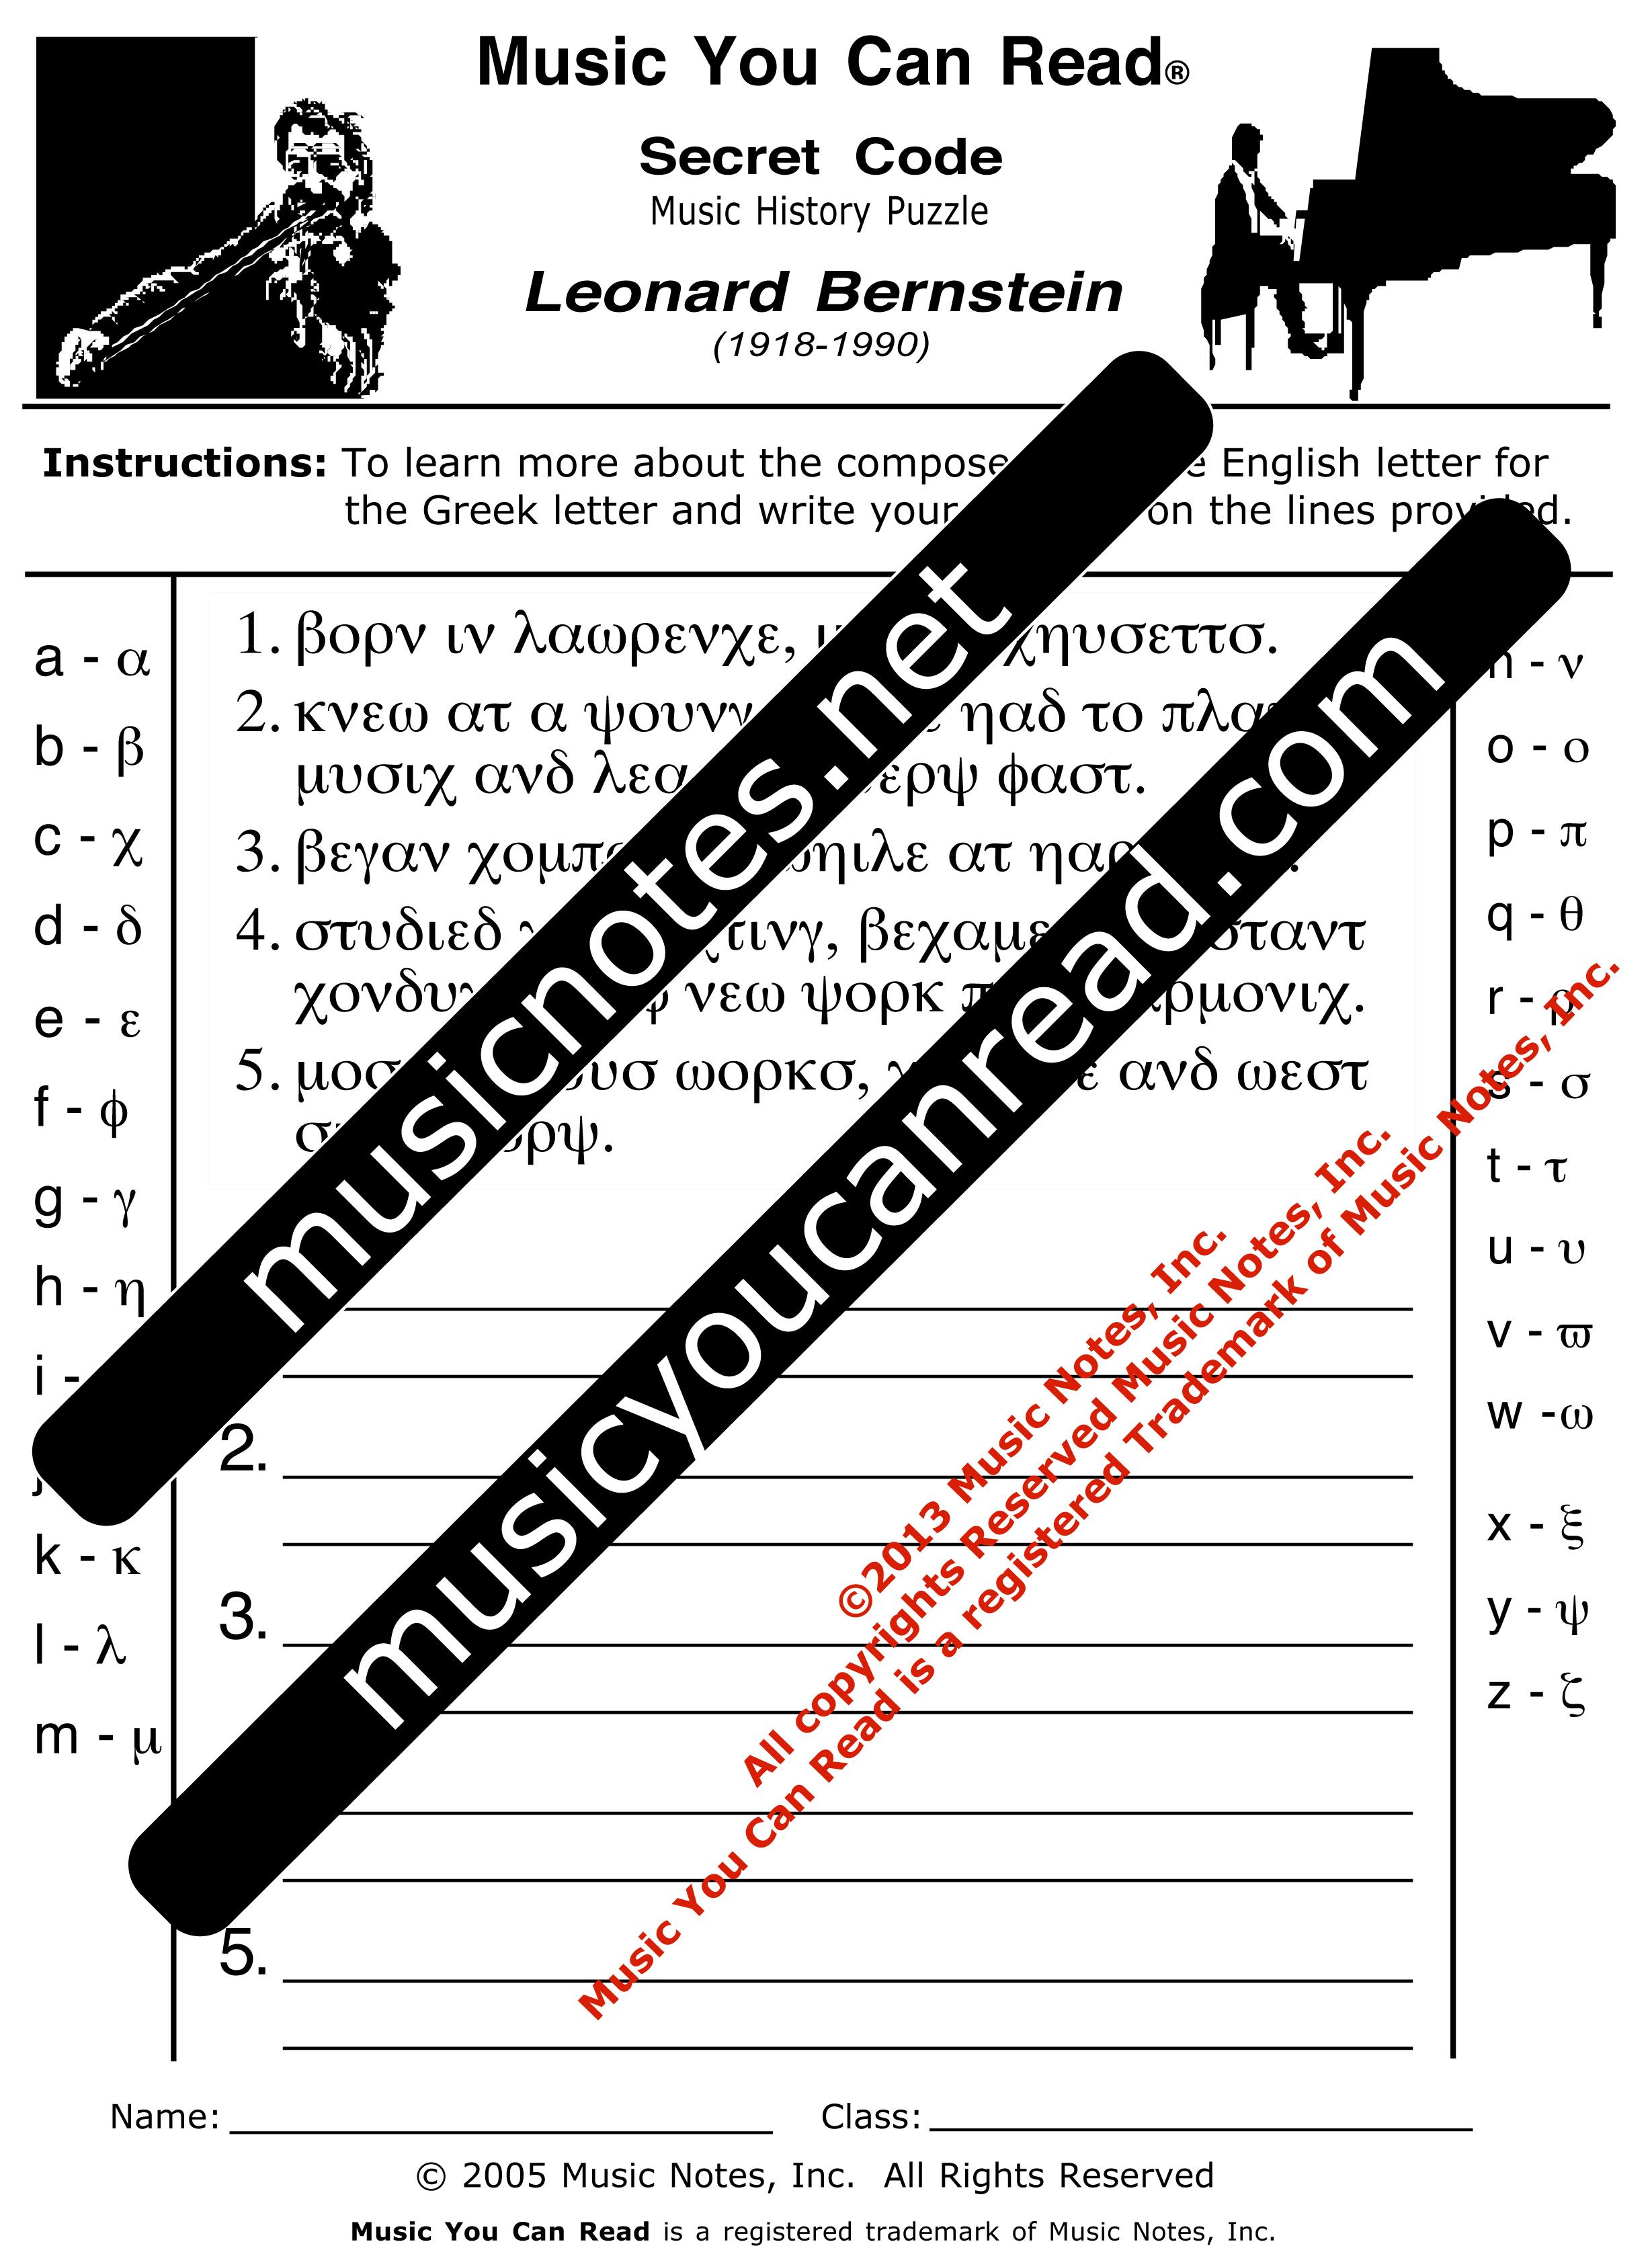 Secret Code – Leonard Bernstein